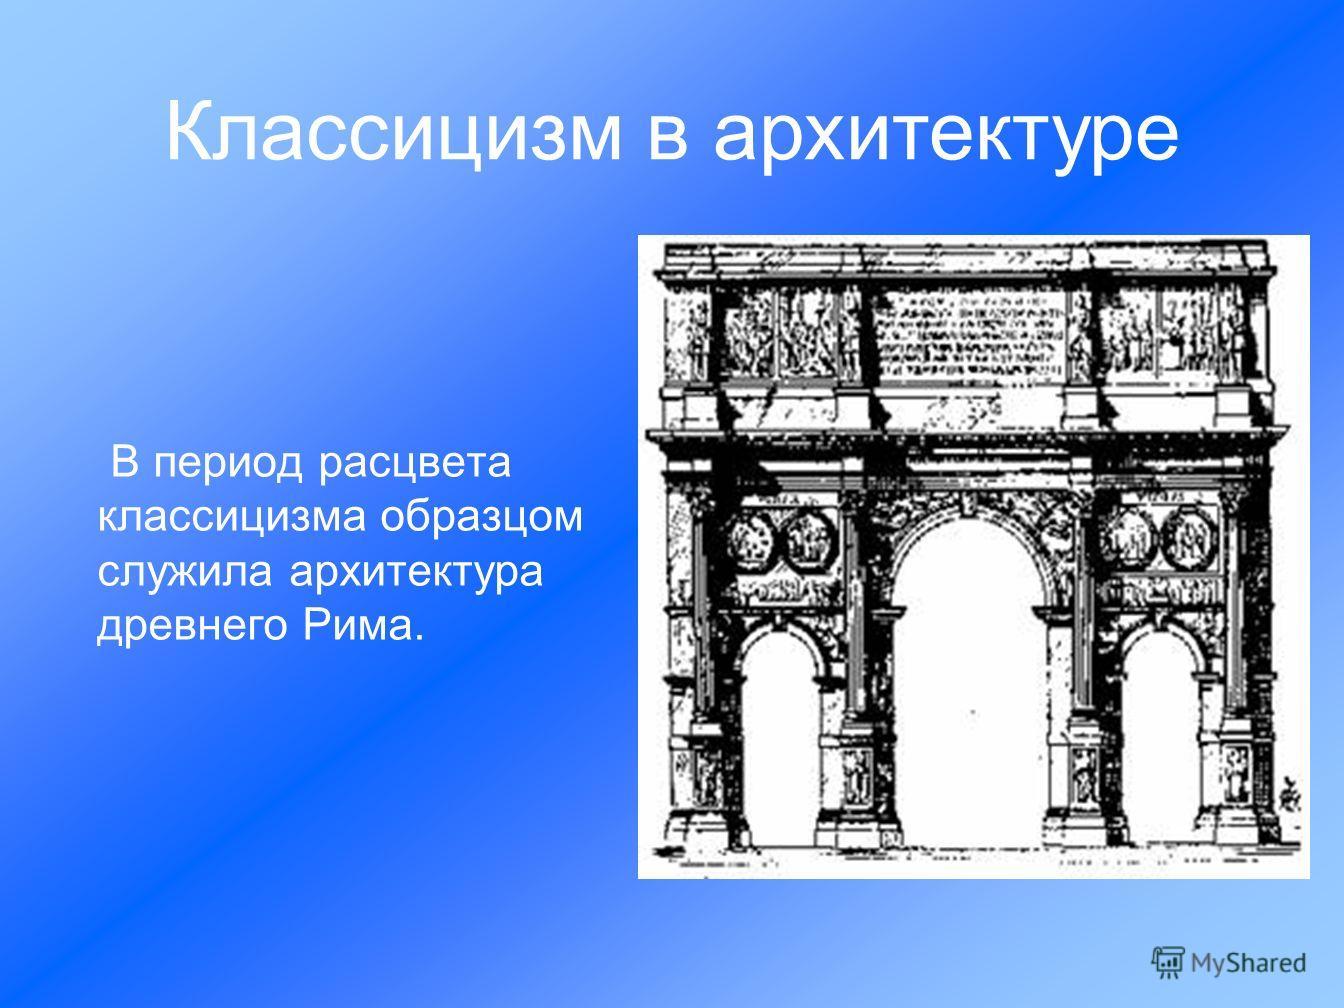 В период расцвета классицизма образцом служила архитектура древнего Рима. Классицизм в архитектуре